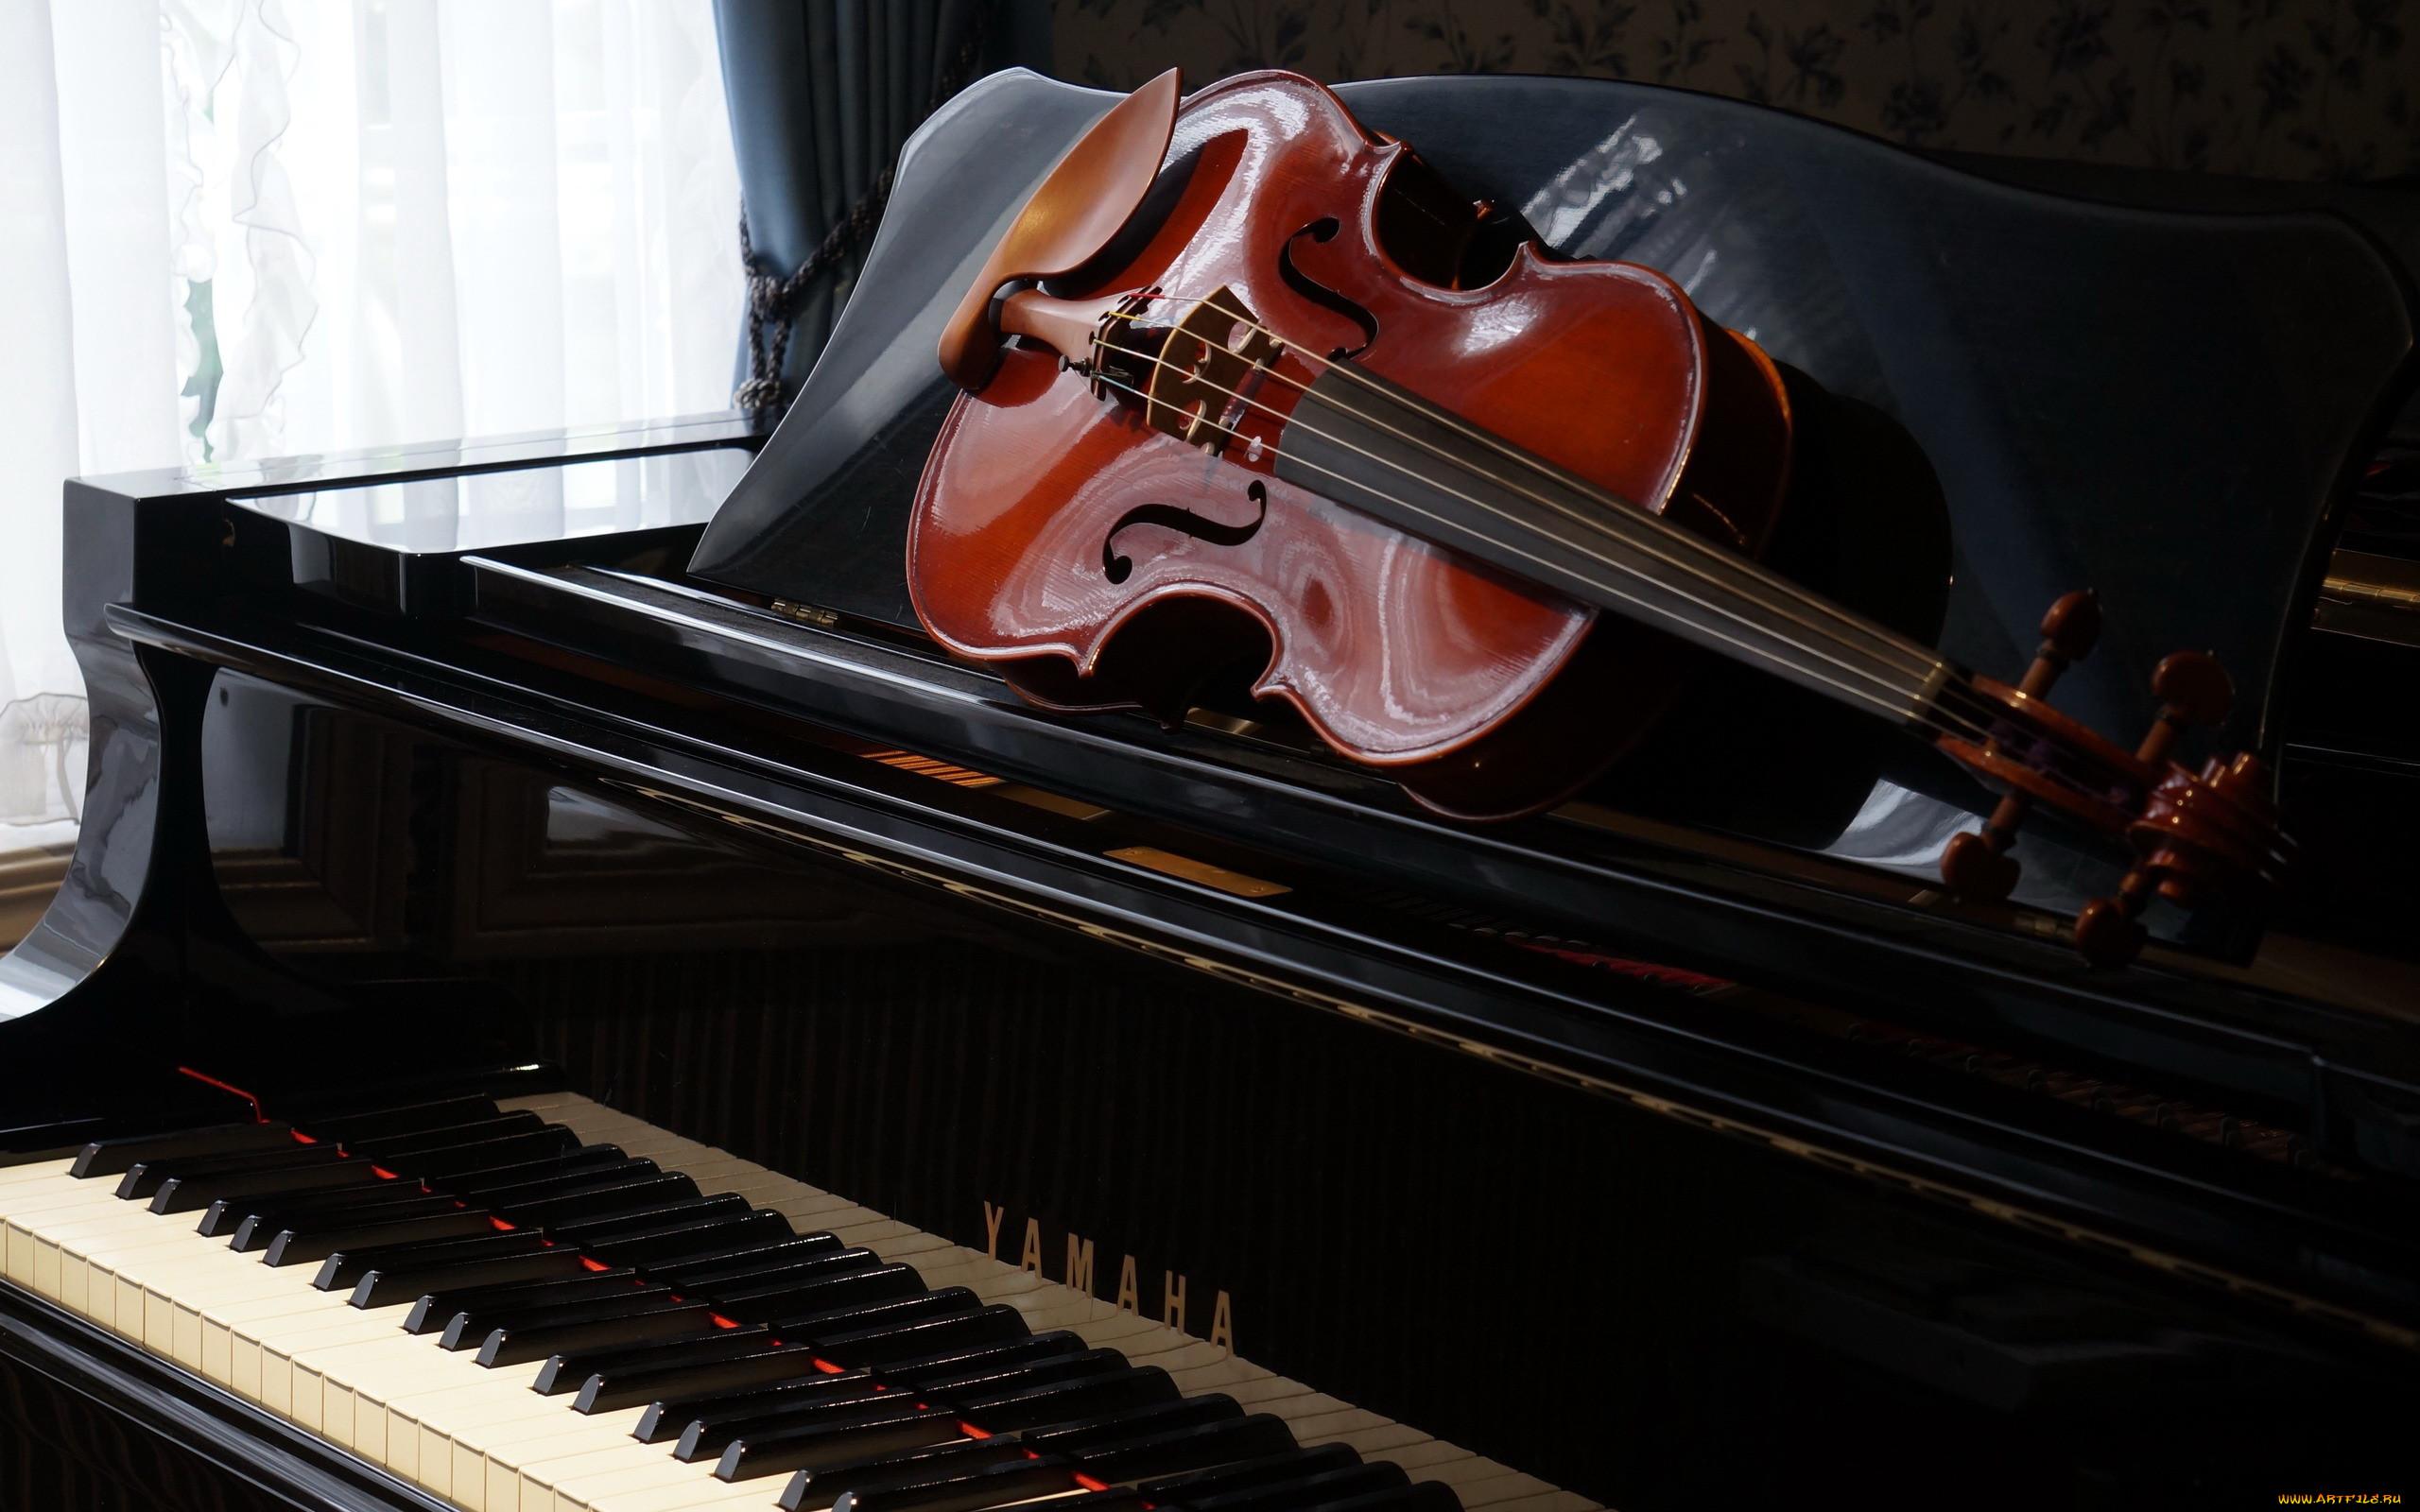 морковке равнодушны, картинки про пианино для рабочего стола для работы этом